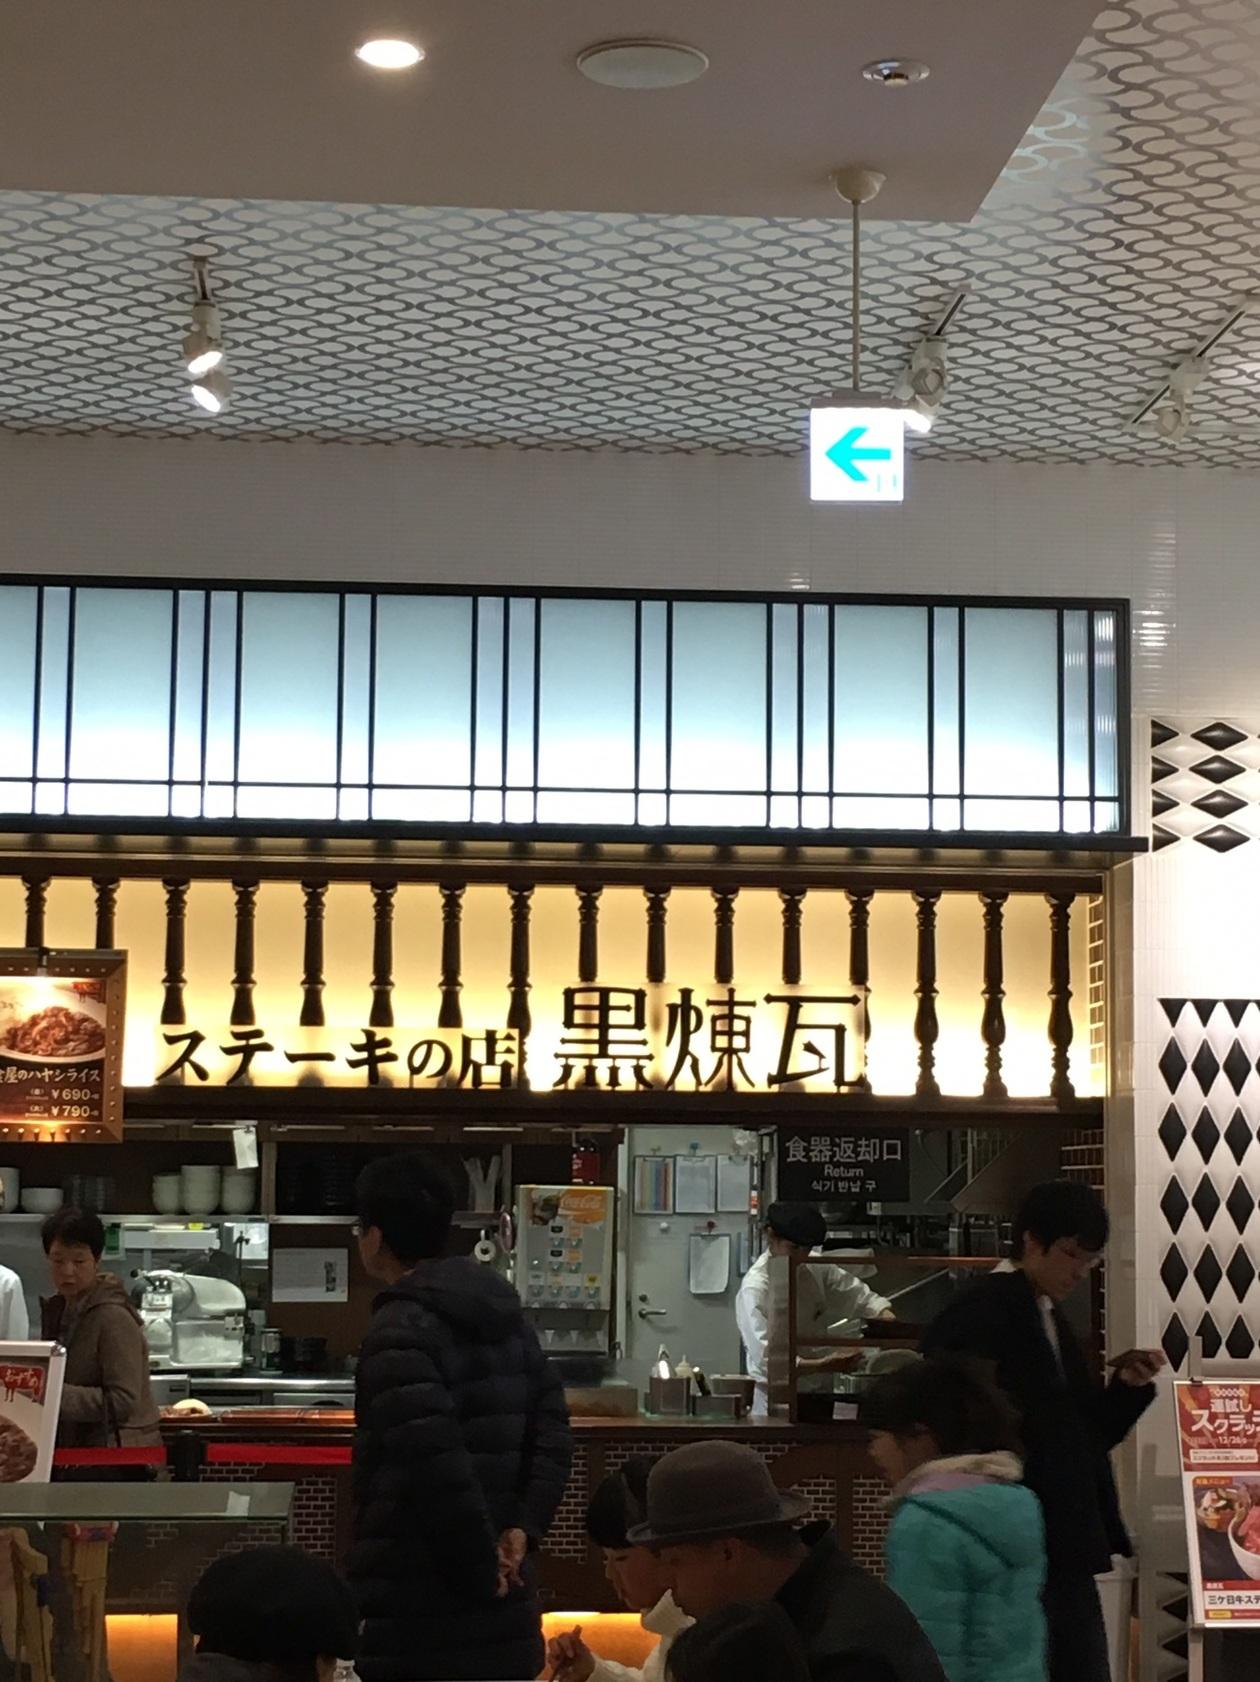 黒煉瓦 NEOPASA浜松店 name=